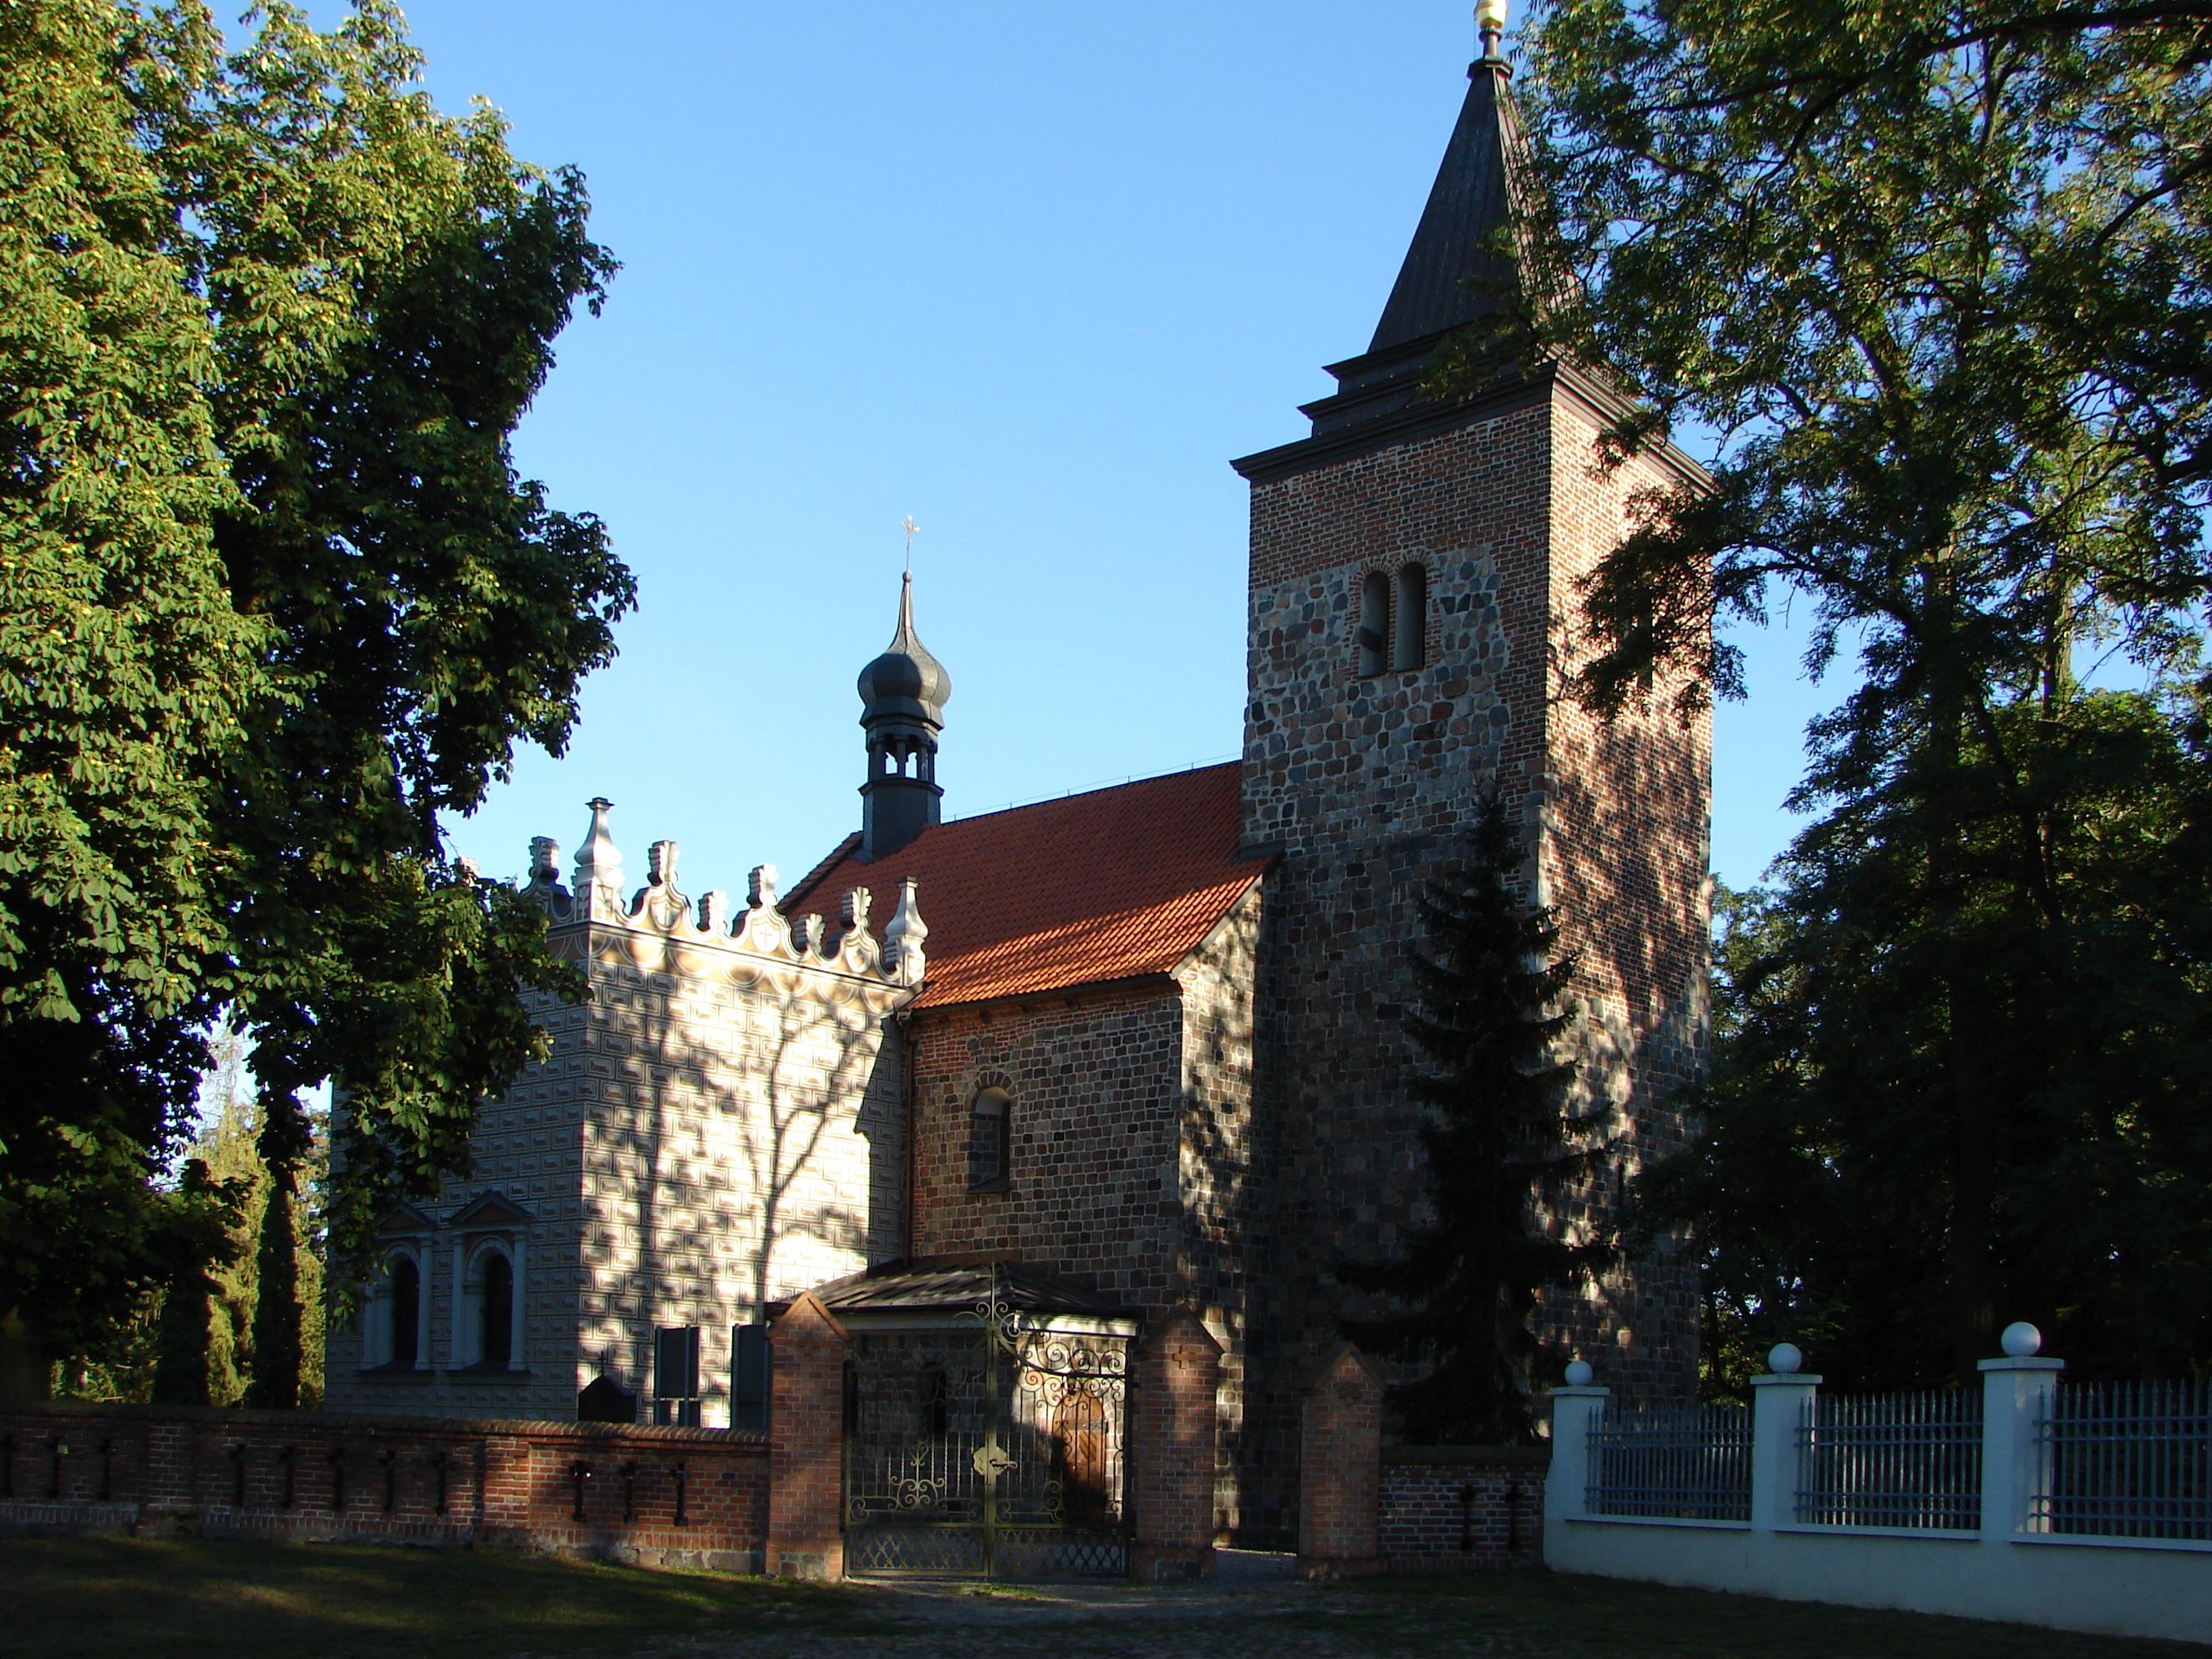 File:Kościelec, Gmina Pakość, Inowrocław County.jpg